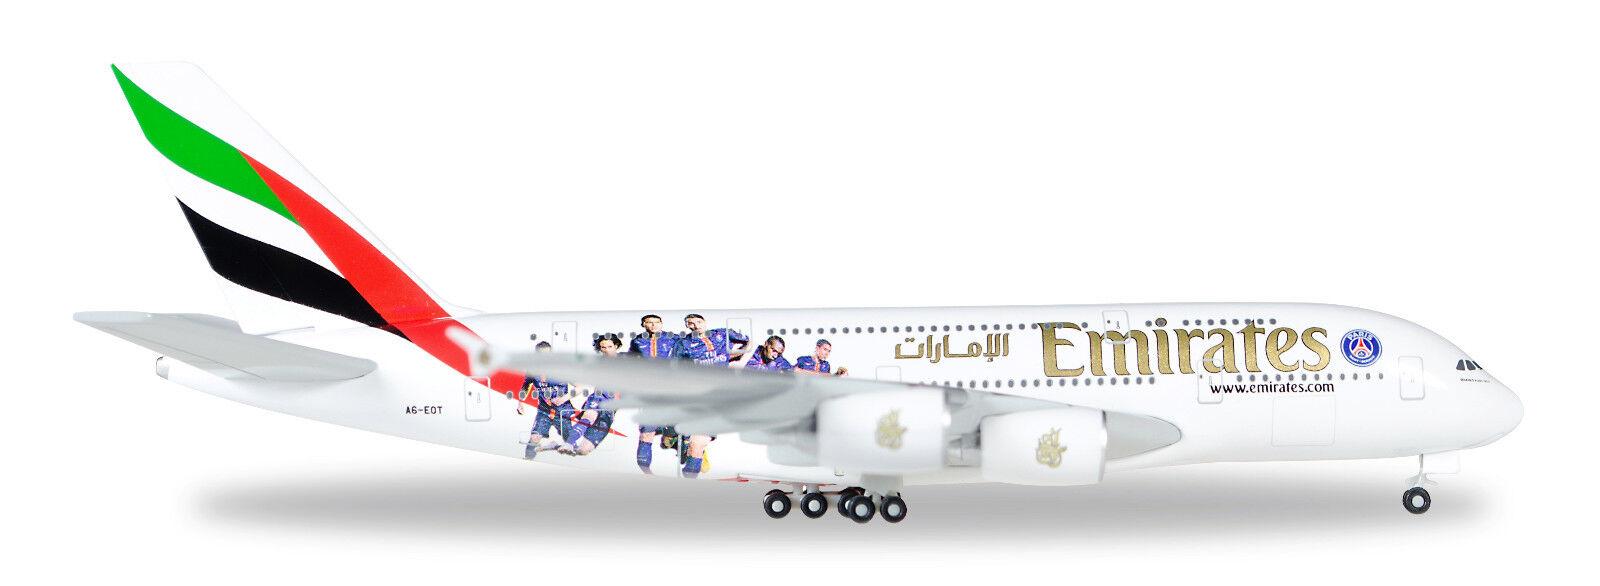 Herpa 529240 airbus a380 - 800 emiirates verordn.a6-eot 1  500 neu